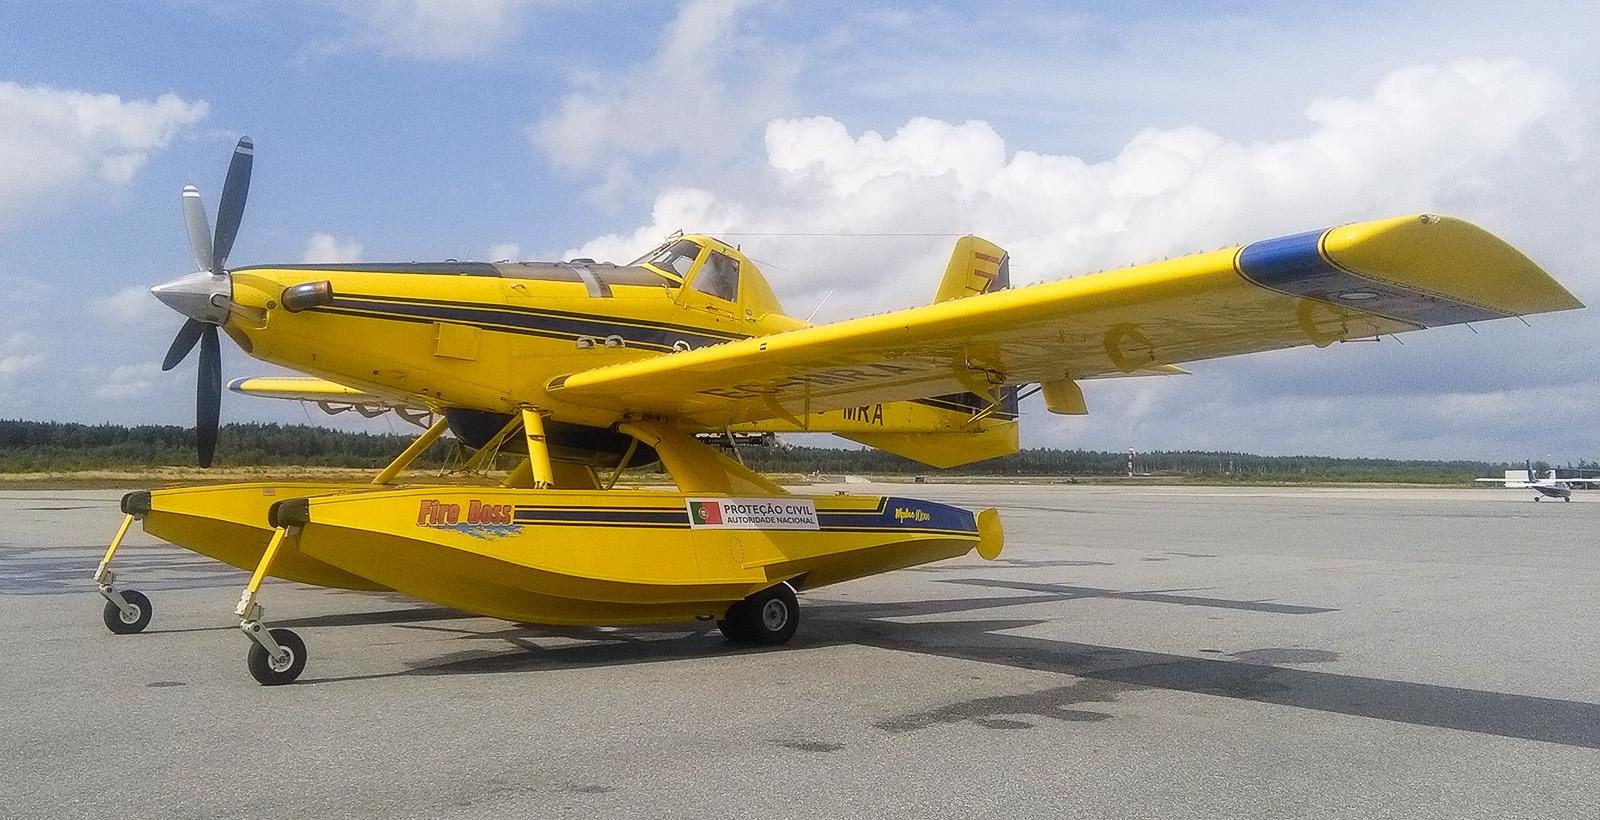 """Air Tractor AT 802 -lentokoneita käytetään laajalti maastopalojen sammutuksessa Portugalissa. Koneen ponttooneissa olevat vesisäiliöt voidaan täyttää """"scooppaamalla"""". Kuva: ANECP."""